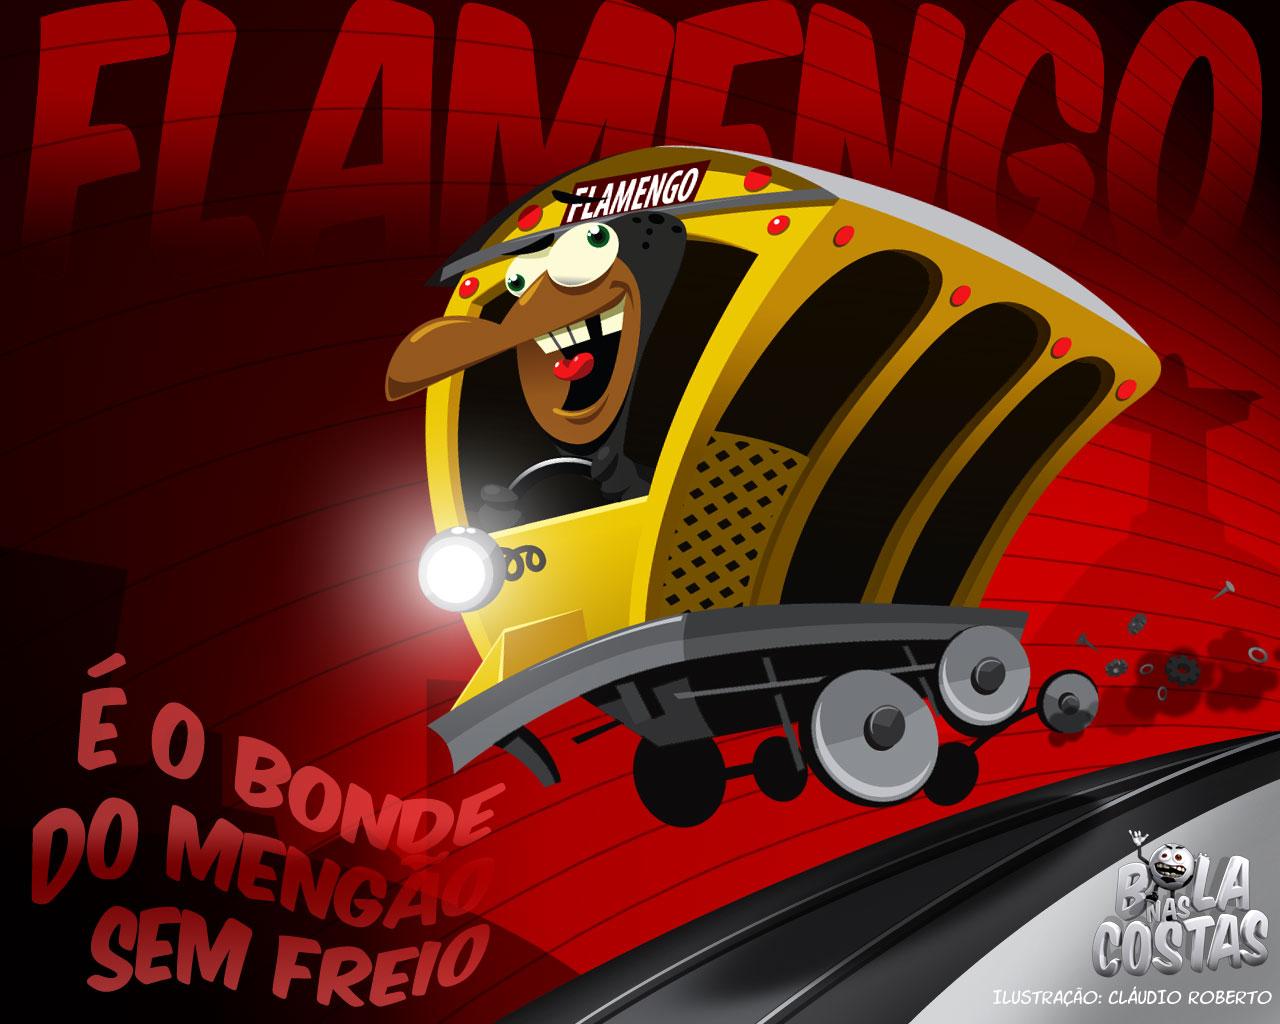 http://3.bp.blogspot.com/-R7cHImyETQY/TdedvEG34SI/AAAAAAAAAHE/fe_lZL_224s/s1600/wallpaper-Flamengo1280x1024.jpg